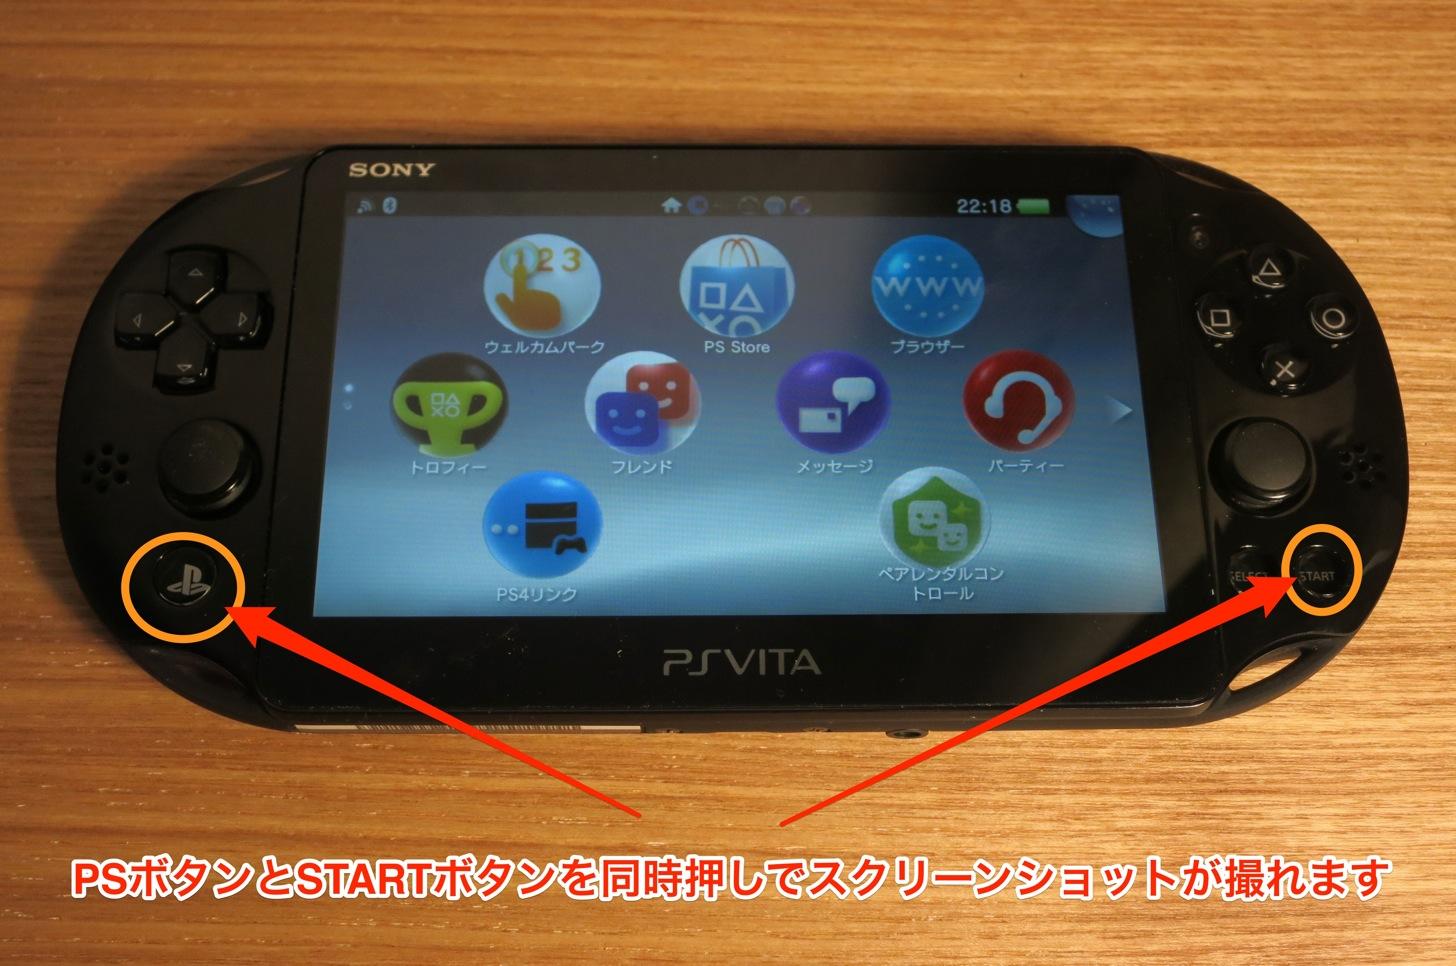 PS Vitaのスクリーンショットの撮り方